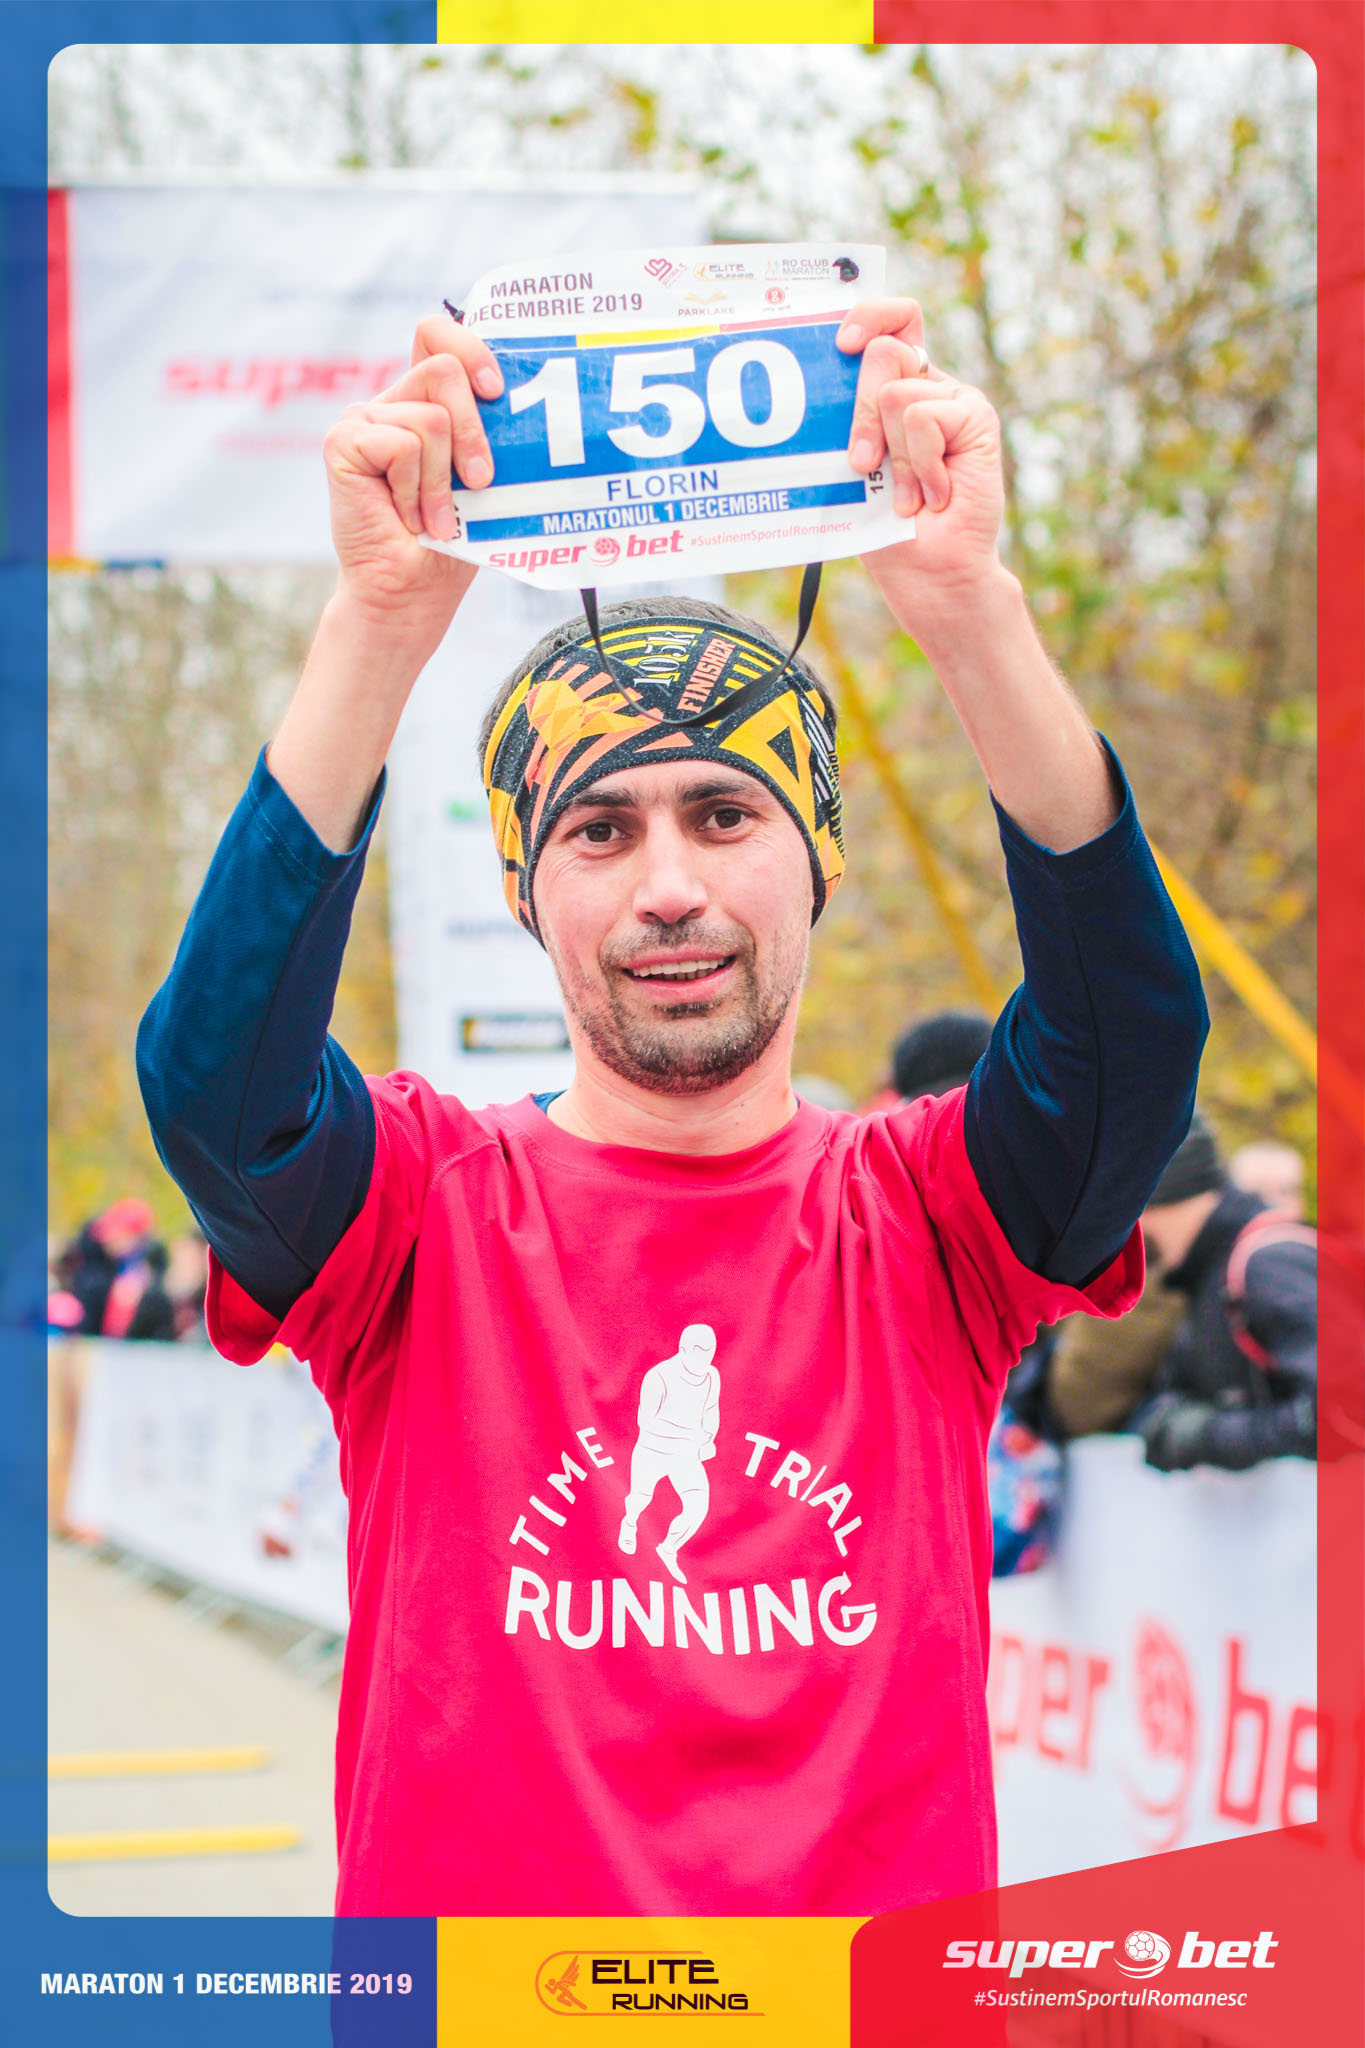 Al 150-lea maraton (Maratonul 1 Decembrie – 2019)